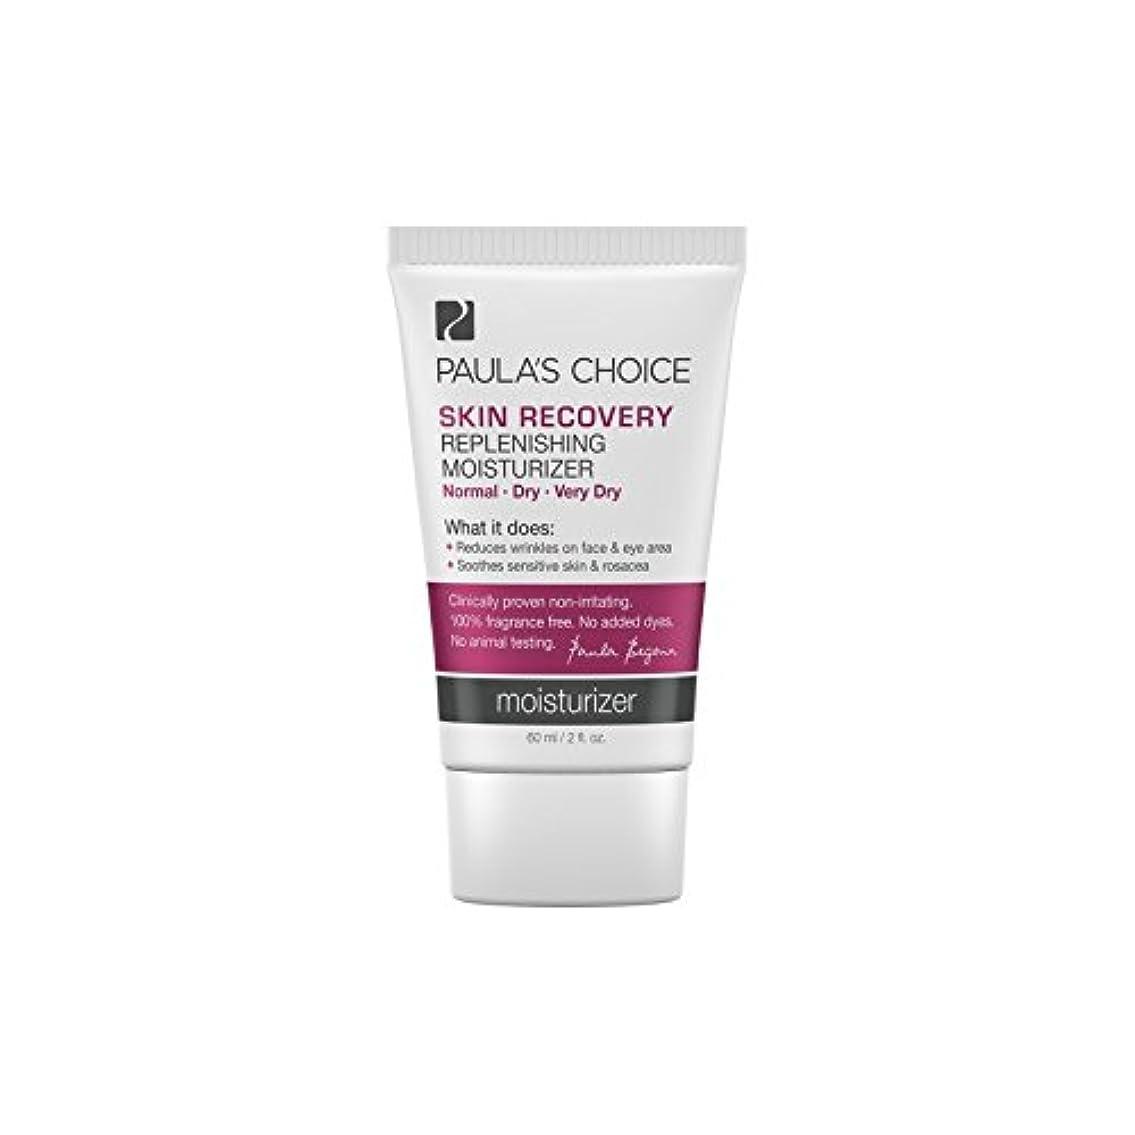 色合い森食物Paula's Choice Skin Recovery Replenishing Moisturizer (60ml) - ポーラチョイスの肌の回復補充保湿(60ミリリットル) [並行輸入品]